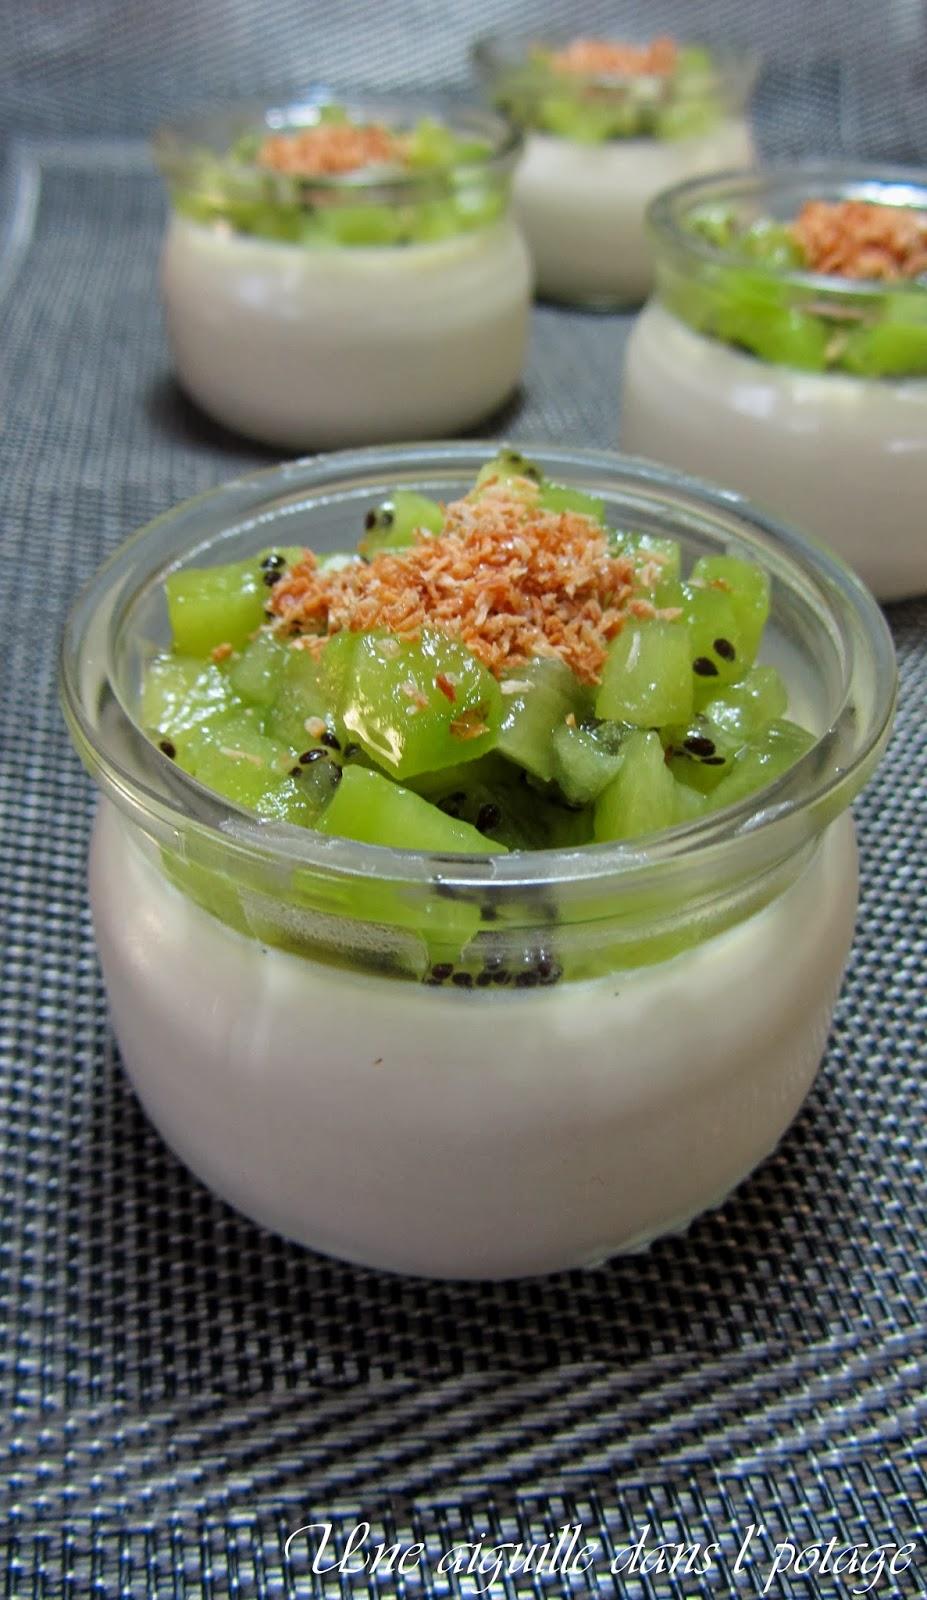 Une aiguille dans l 39 potage panna cotta au chocolat blanc noix de coco et kiwi - Panna cotta noix de coco ...